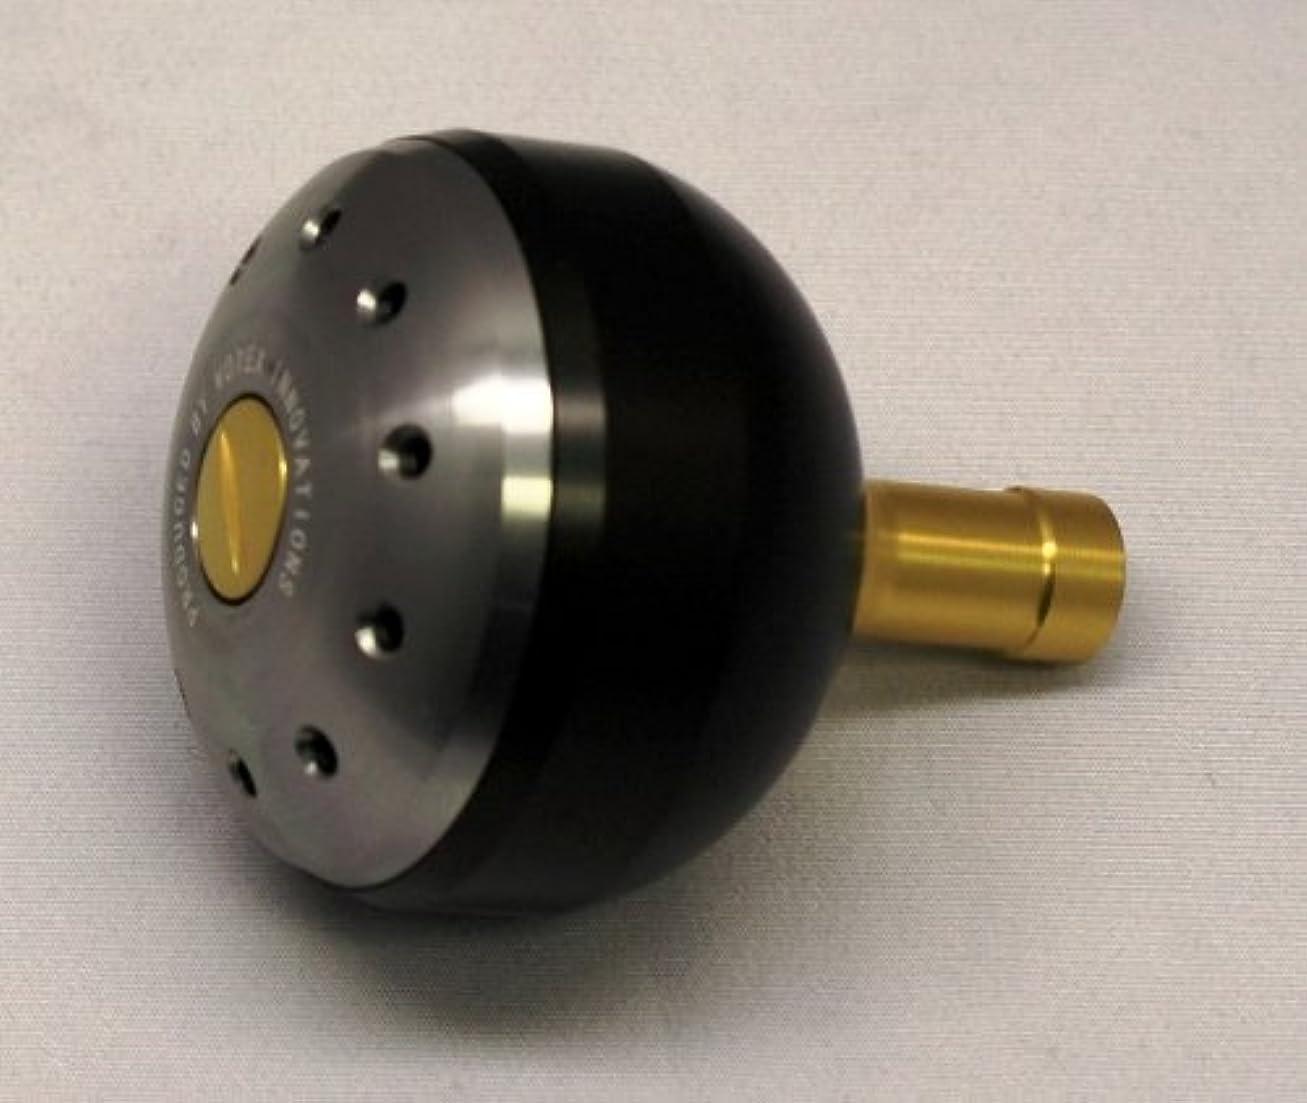 ベッドを作るラオス人けん引45?mm Votex アルミ パワーハンドルノブ SHIMANO(シマノ)タイプ: B ダイワタイプ : Lリール専用 Lサイズ